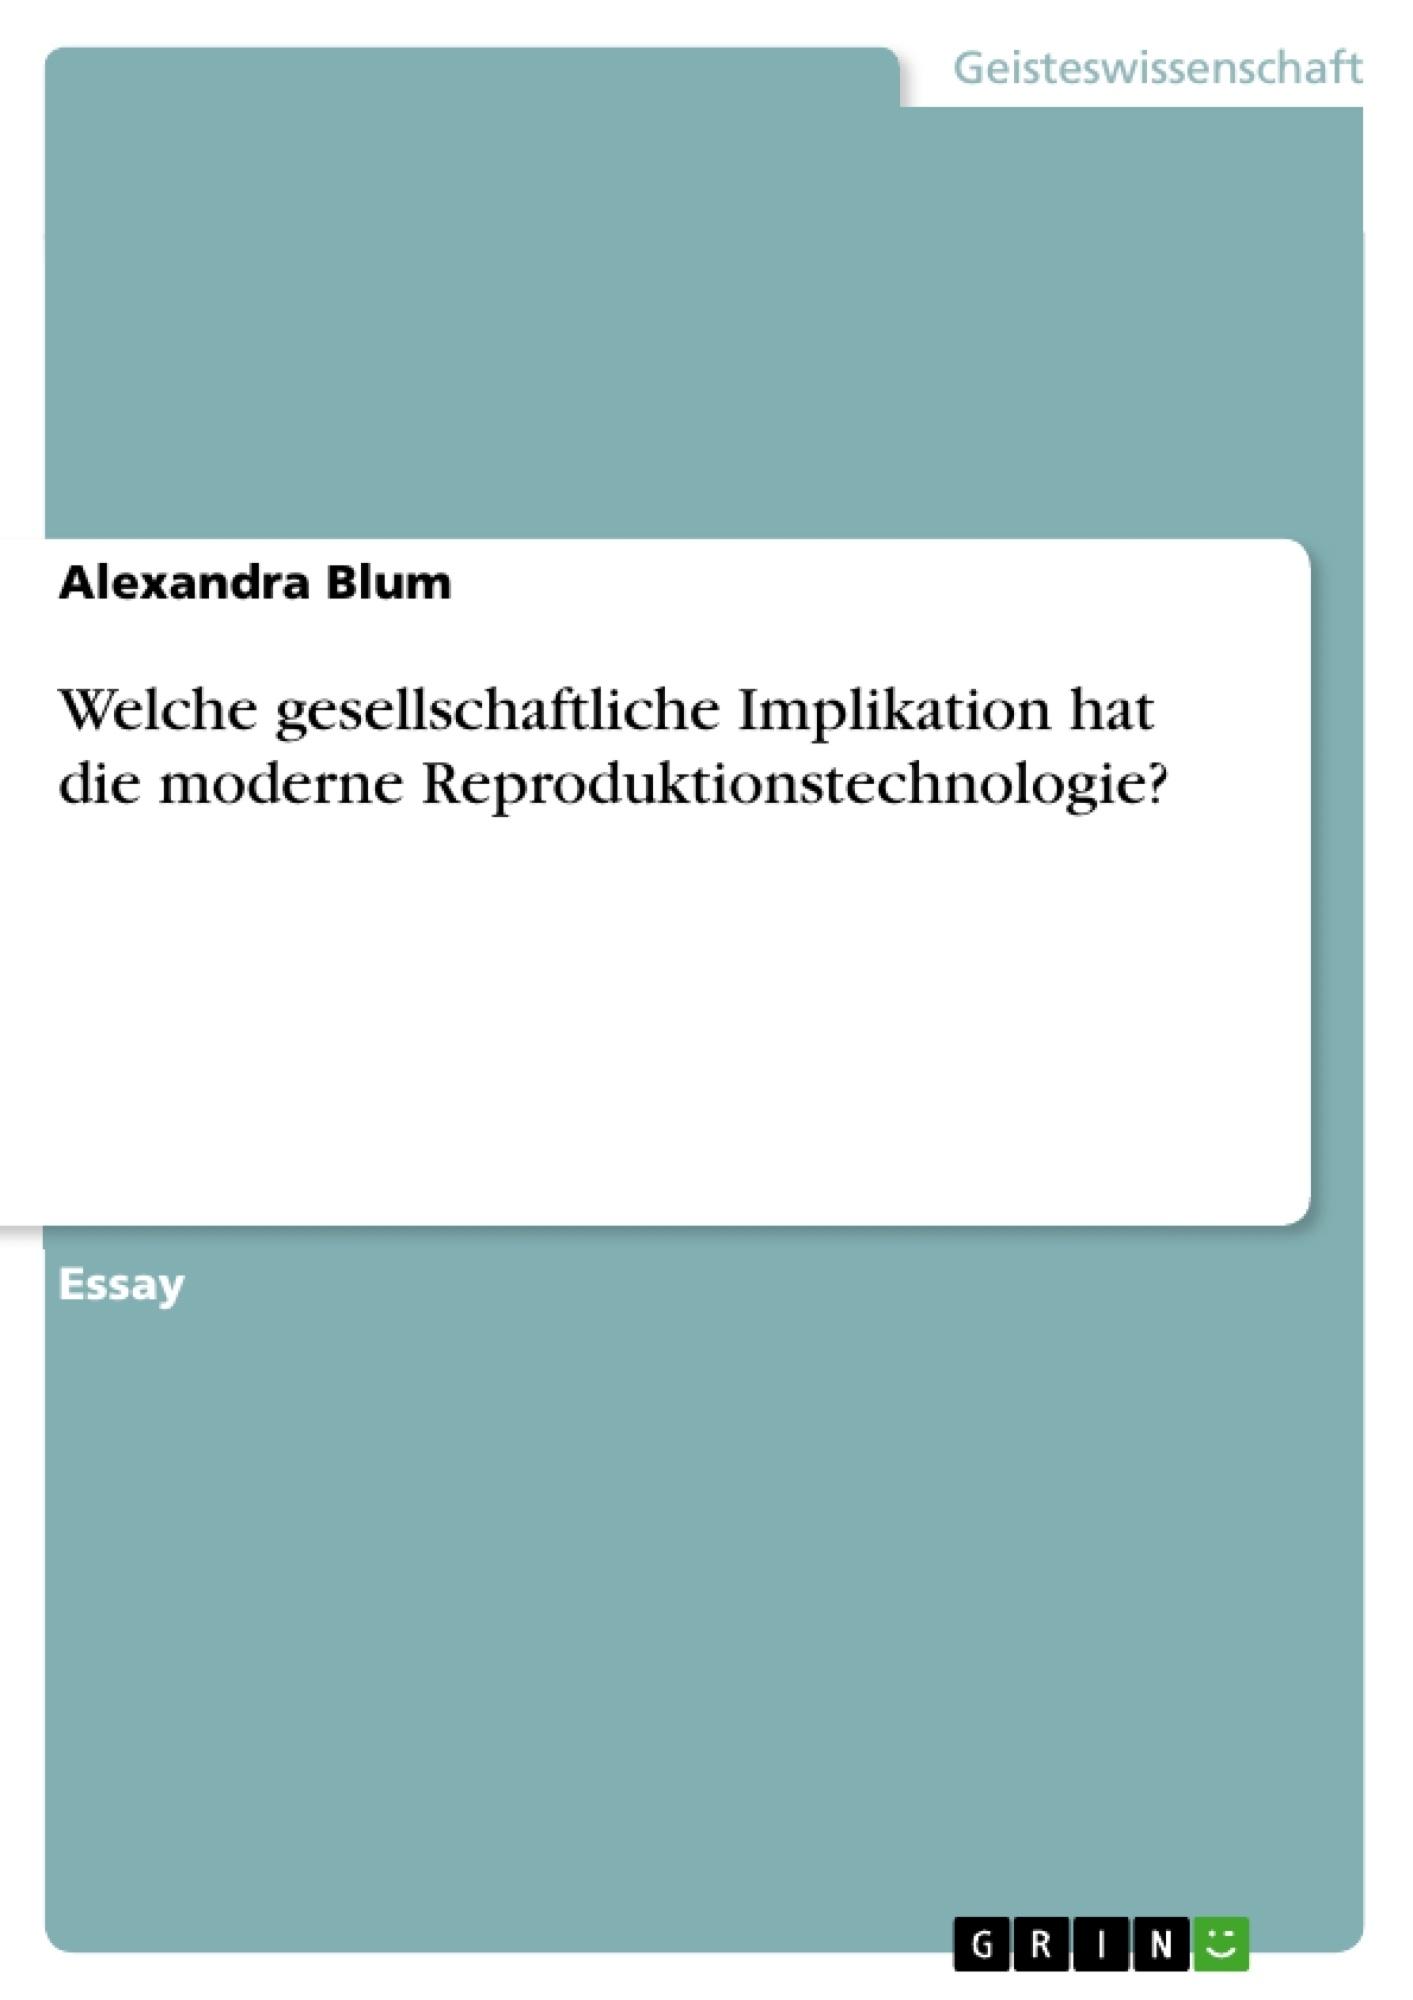 Titel: Welche gesellschaftliche Implikation hat die moderne Reproduktionstechnologie?